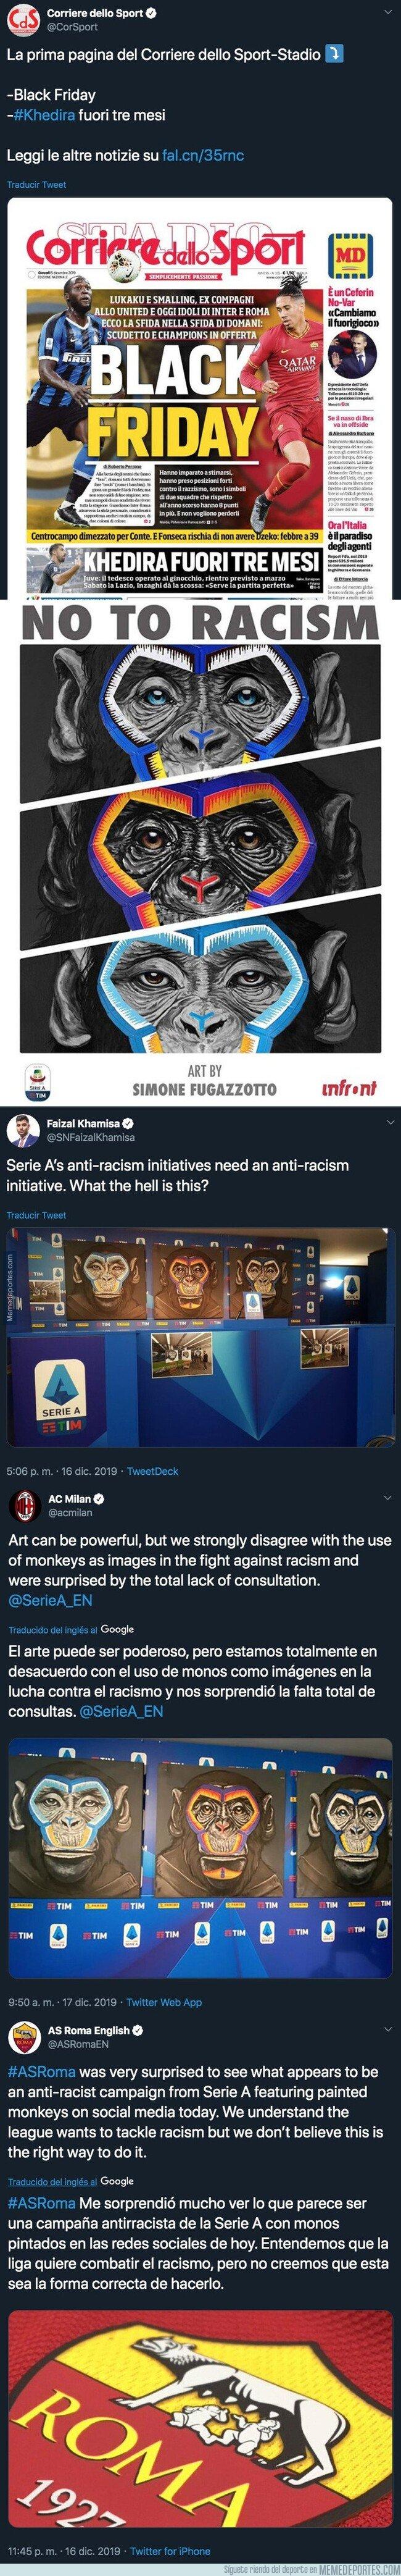 1093795 - Muy fuerte: La Serie A usa imágenes de estos monos como parte de su campaña en contra del racismo